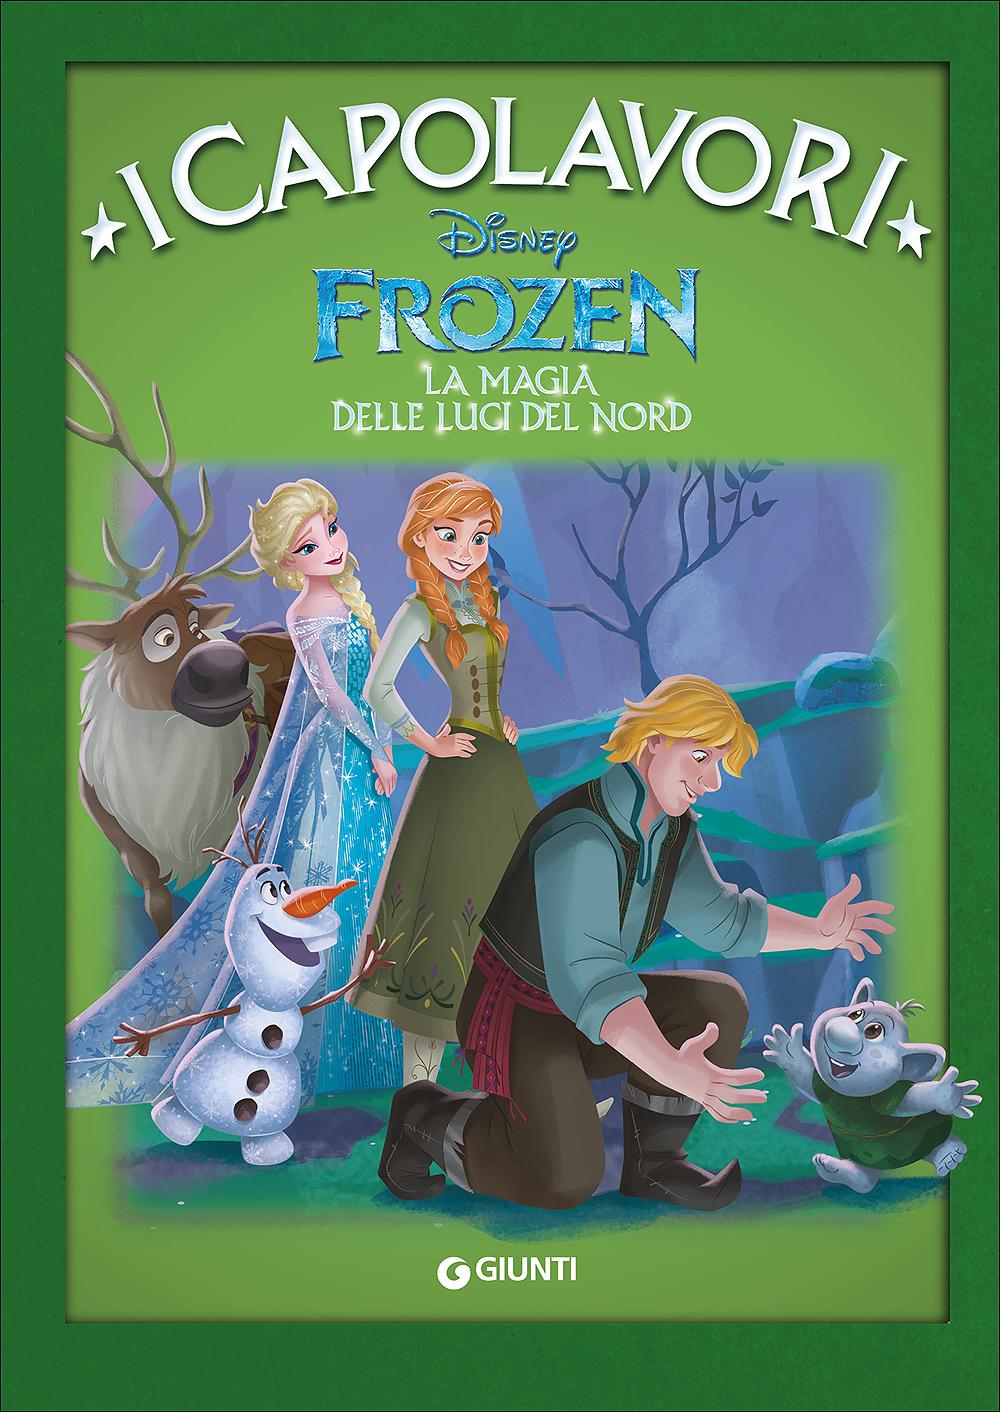 I Capolavori - Frozen. La magia delle luci del Nord